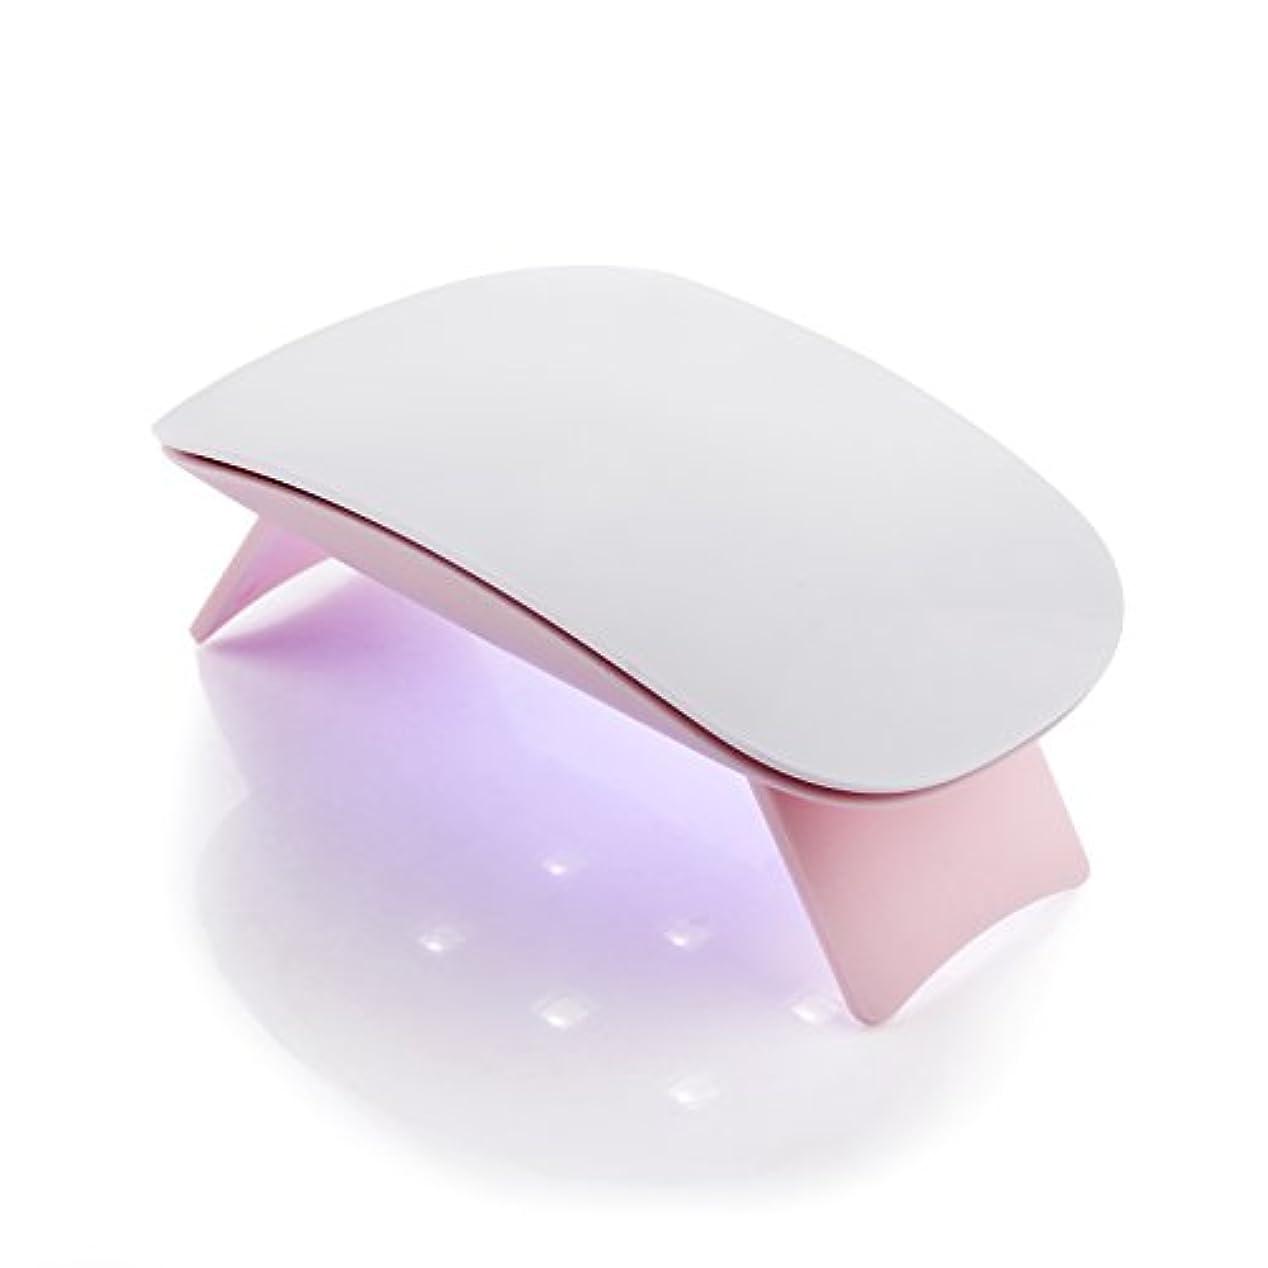 裁定暫定偽善者Makartt 6W UV ジェルネイルLEDライト  超ミニ USB式ネイルドライヤー ネイル硬化用ライト 赤外線検知